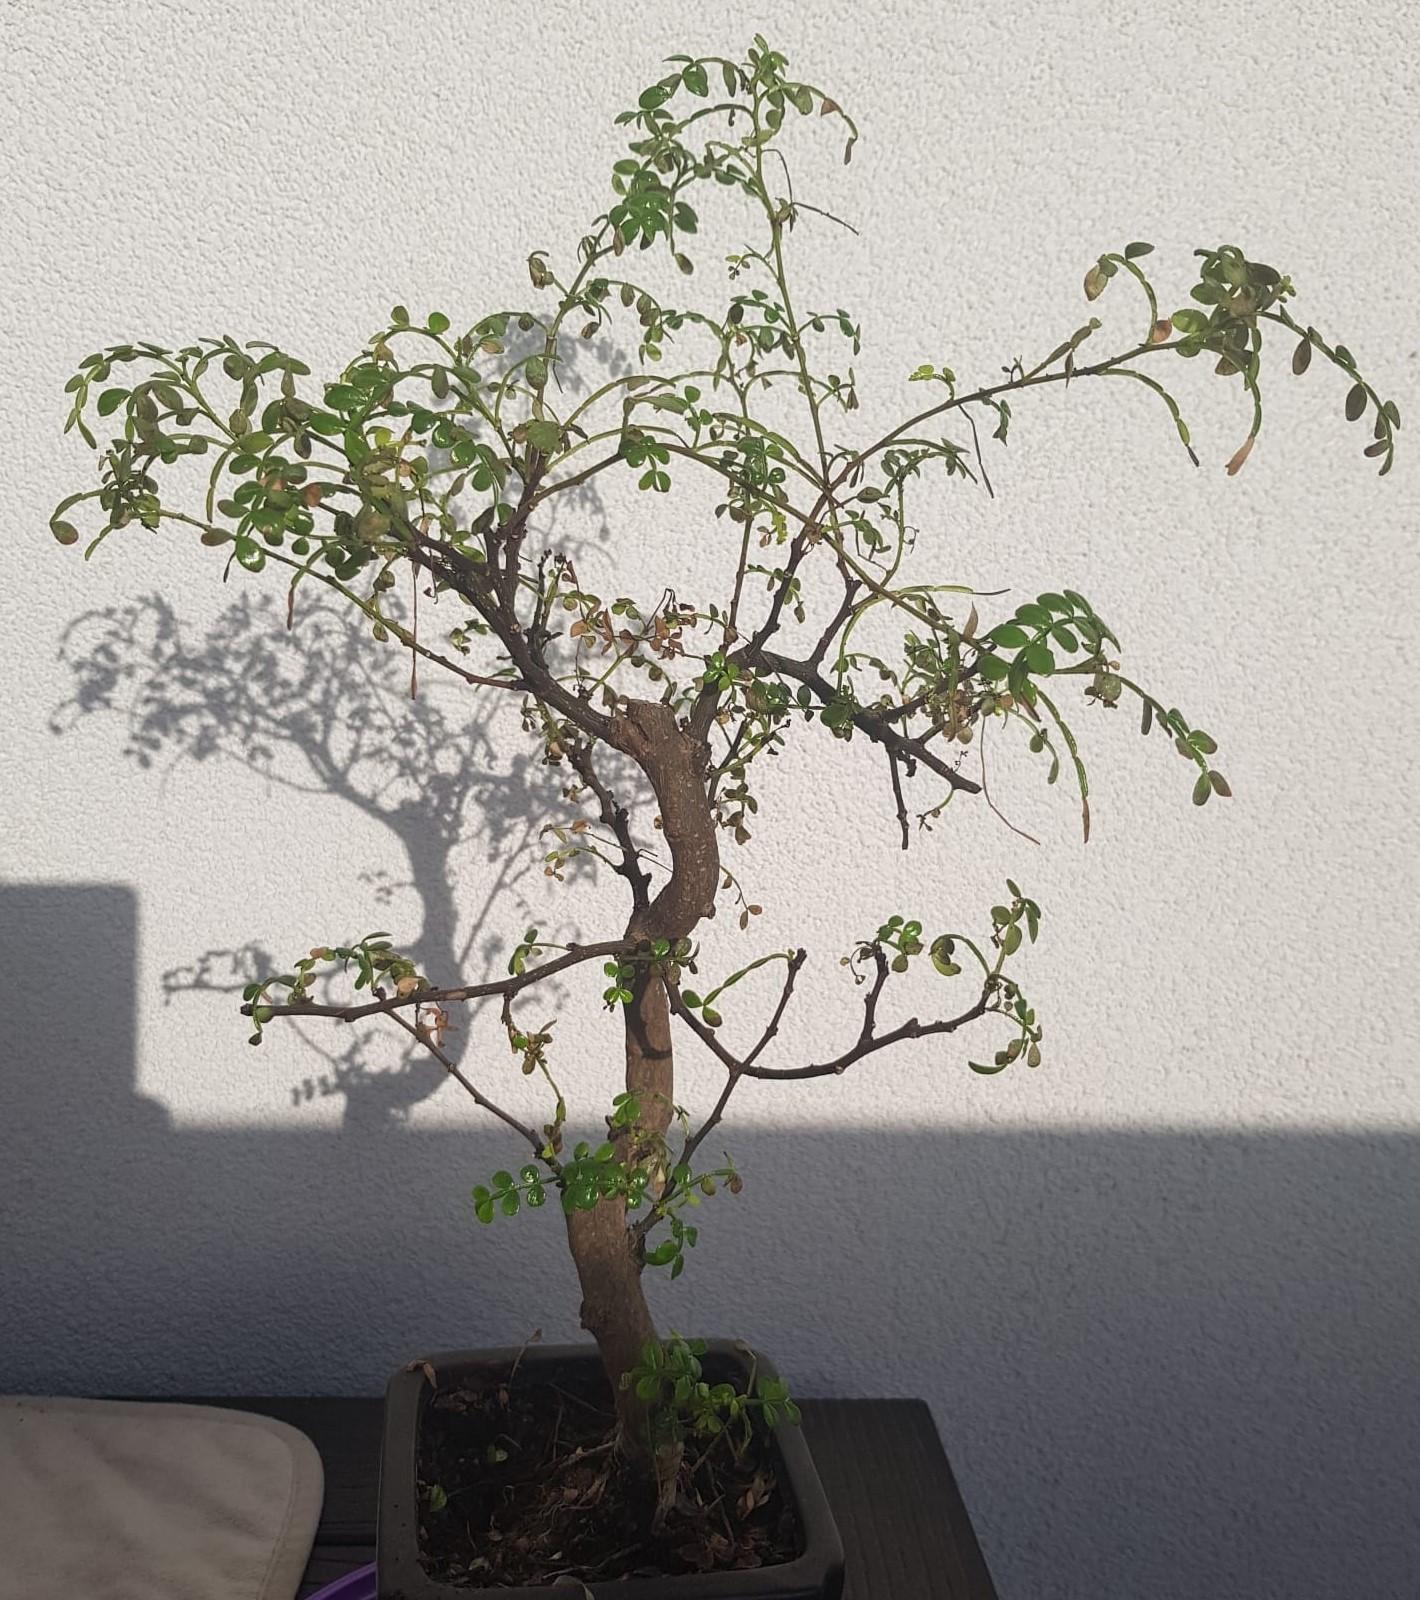 primo bonsai pepper tree: chiedo consigli - Pagina 2 Pre-potatura03